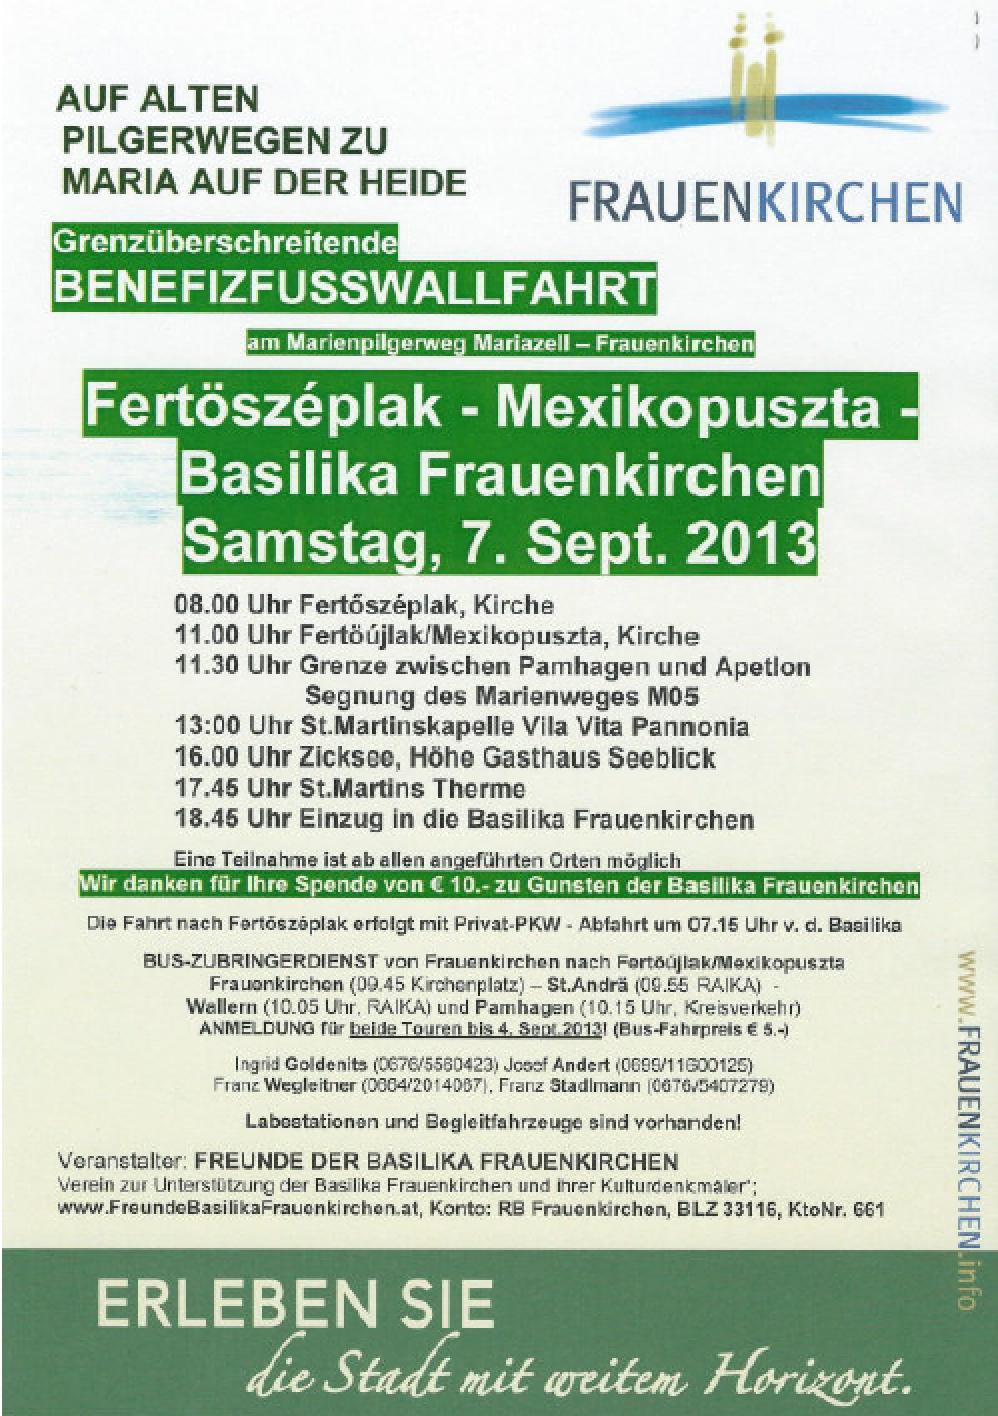 20130907_frauenkirchen